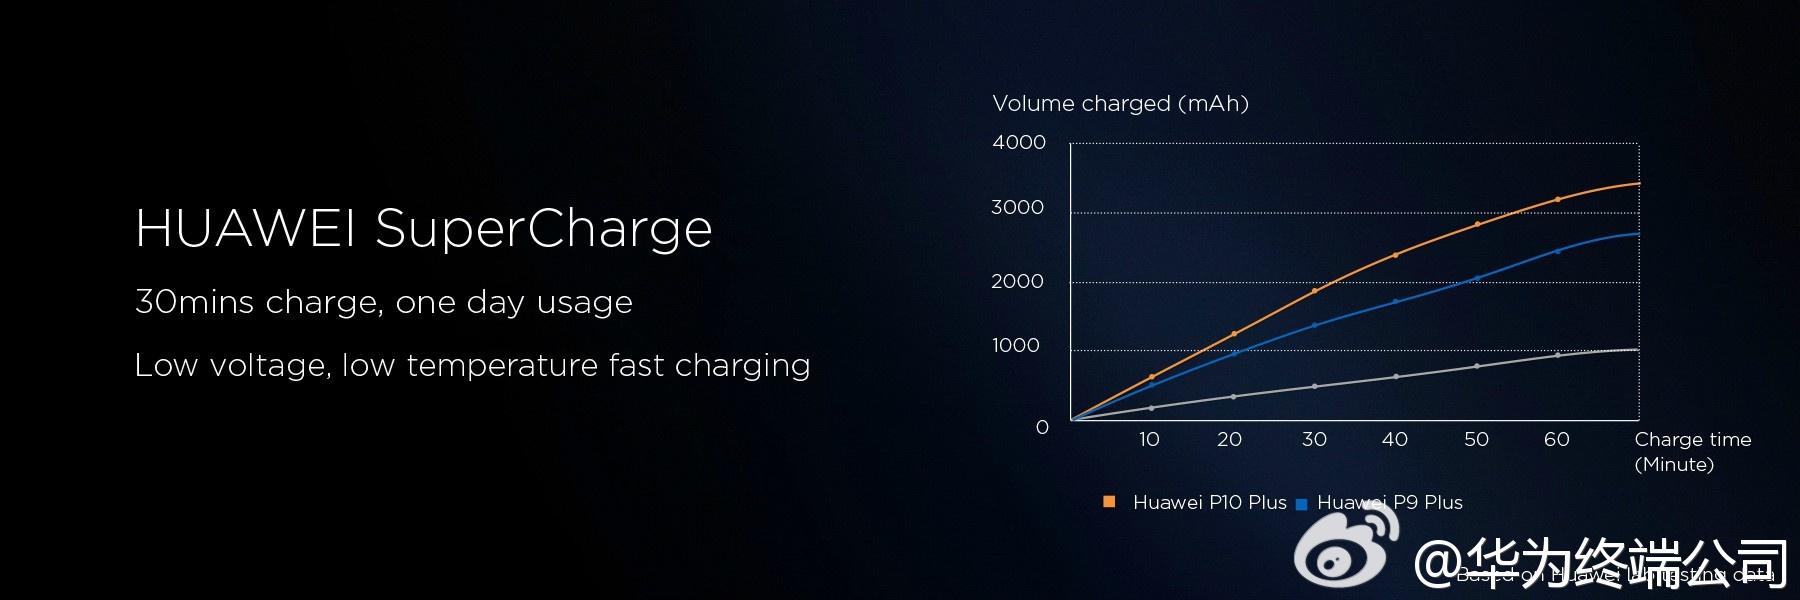 手机充电要快,更要安全!#HUAWEIP10#系列采用华为最新SuperCharge快充技术,支持低